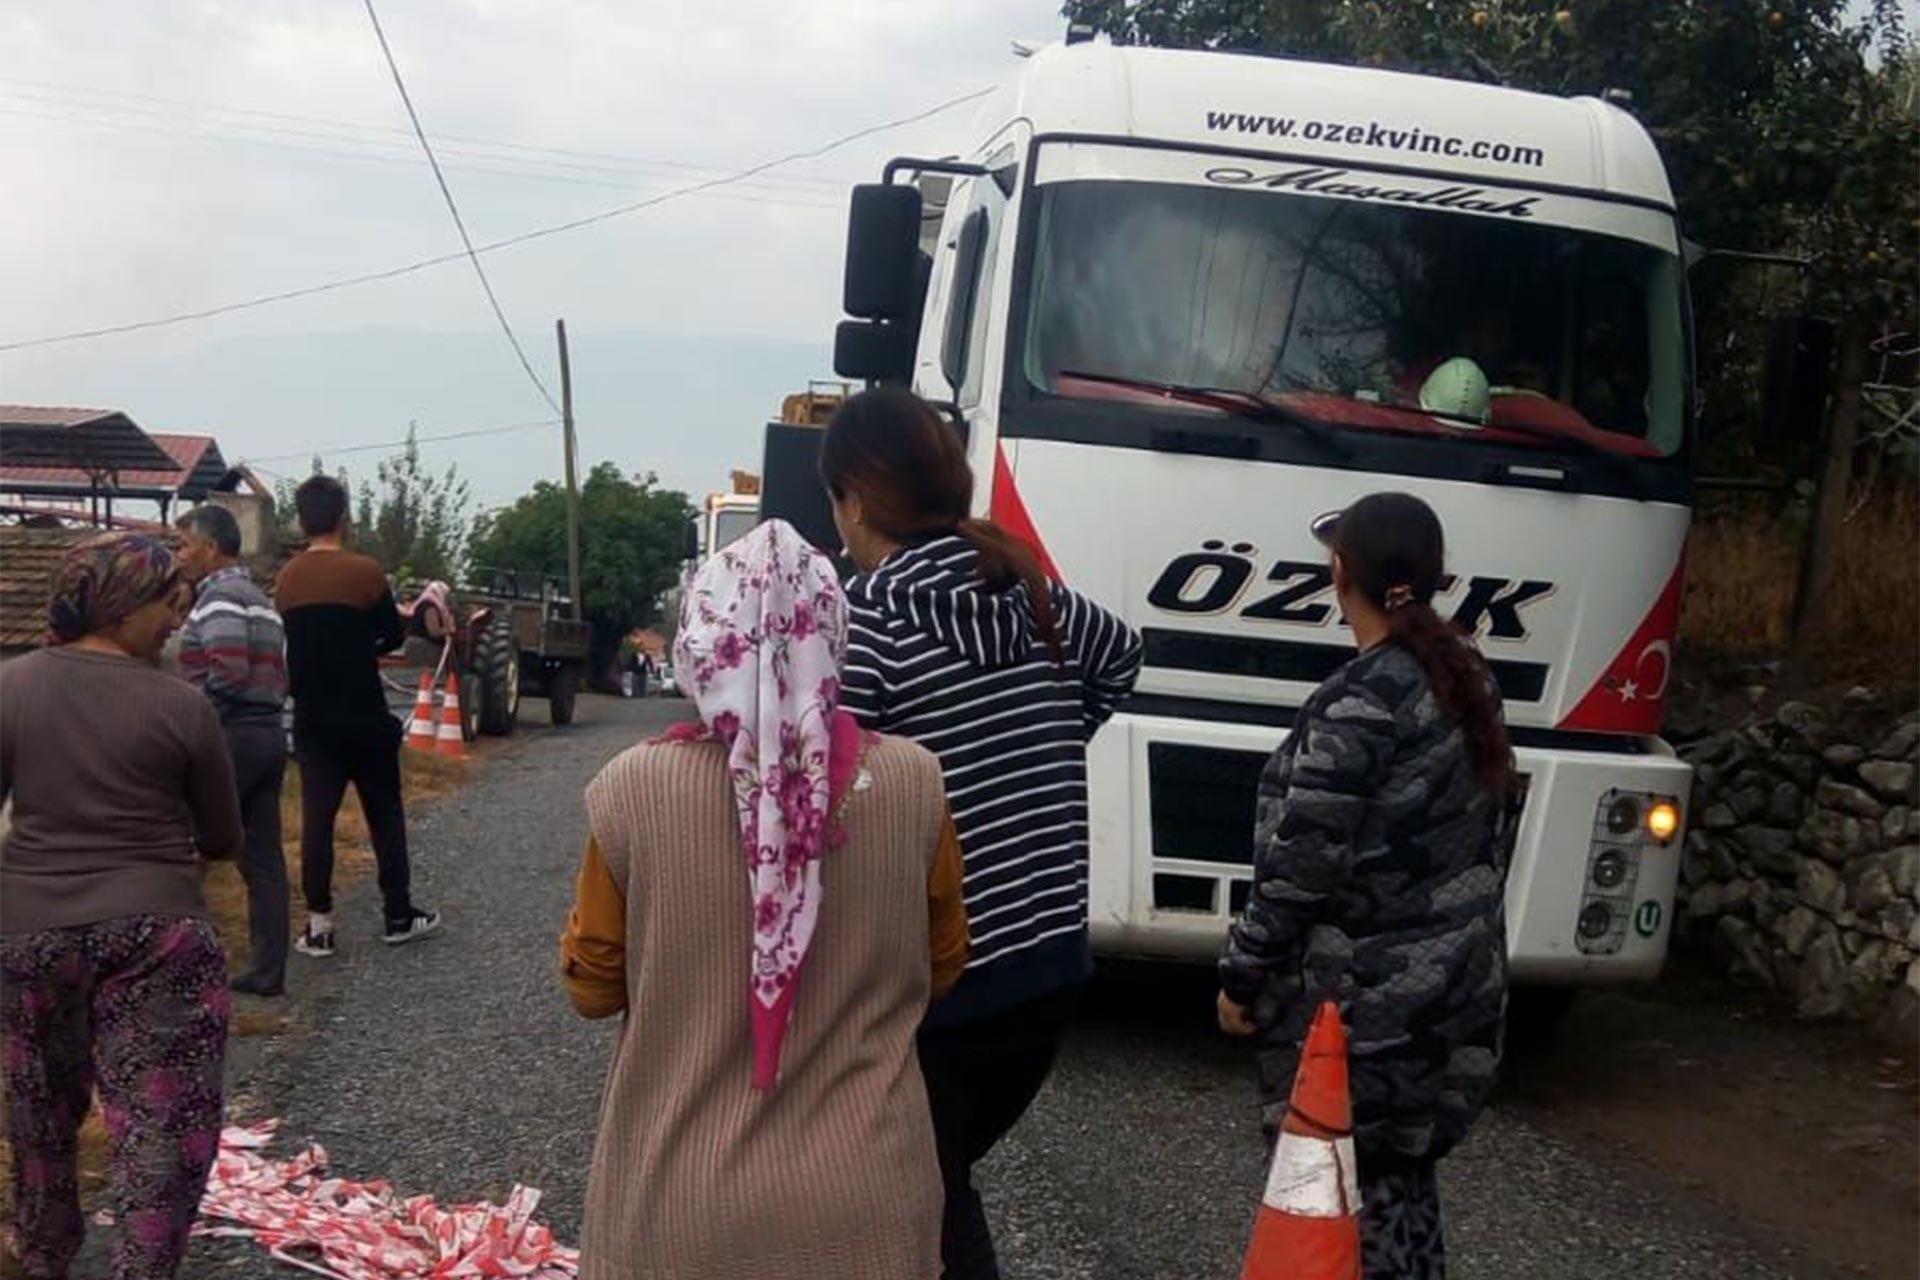 Değirmendere'de JES'e karşı yol kapatan köylüler